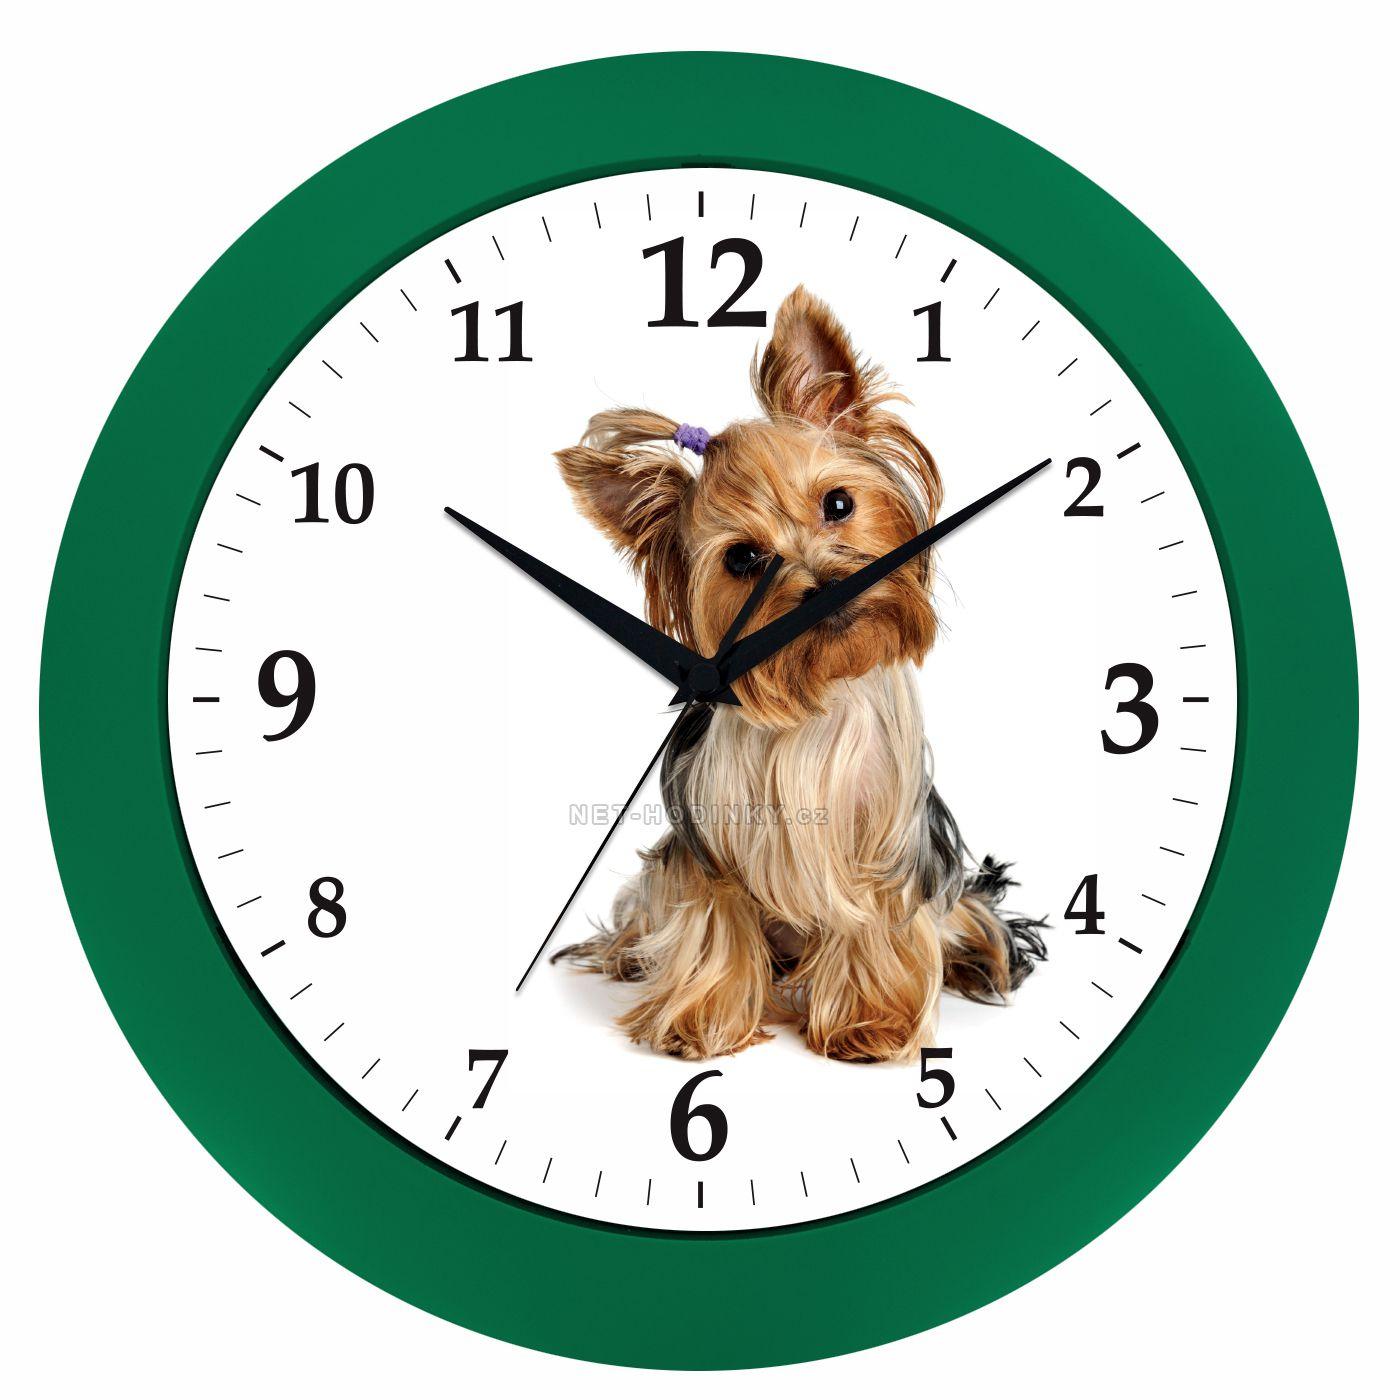 Nástěnné hodiny na stěnu, dětské hodiny S JORKŠÍREM hodiny na stěnu kulaté stříbrná jorkšír zelená